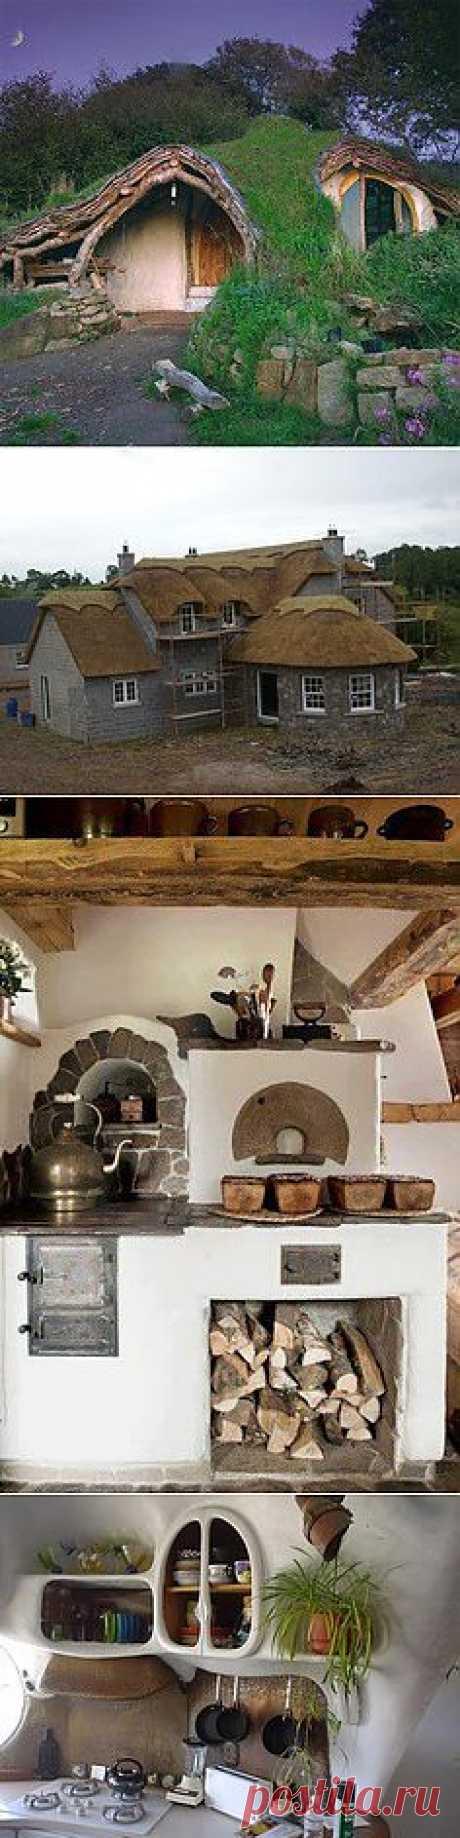 Interesting houses